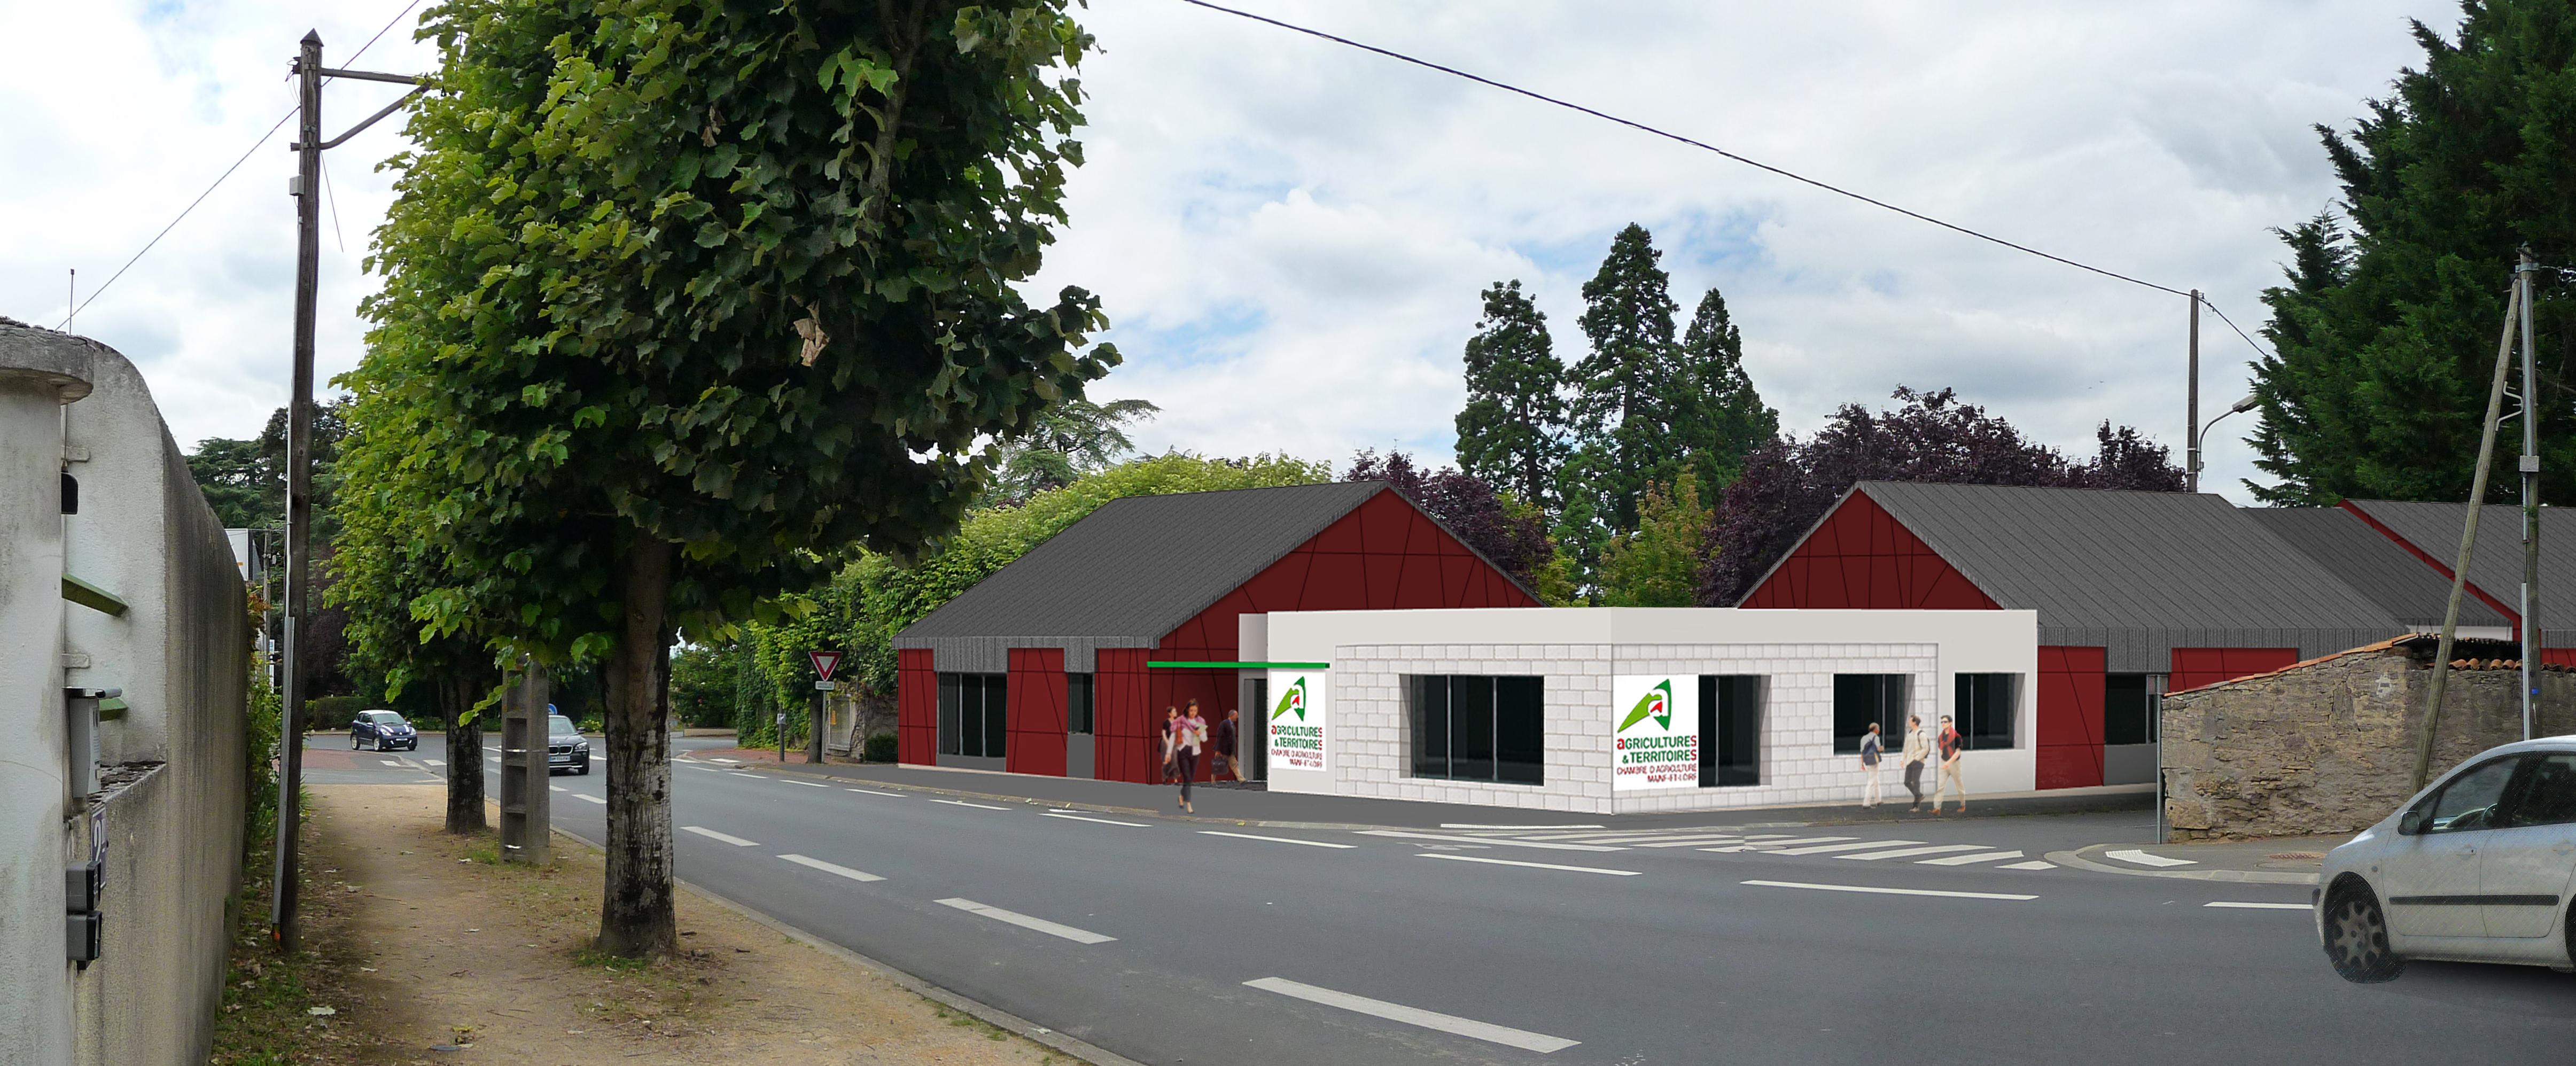 B-2014-53 Chambre d'agriculture - Doué la Fontaine (49)1737 - Insertion dans le site